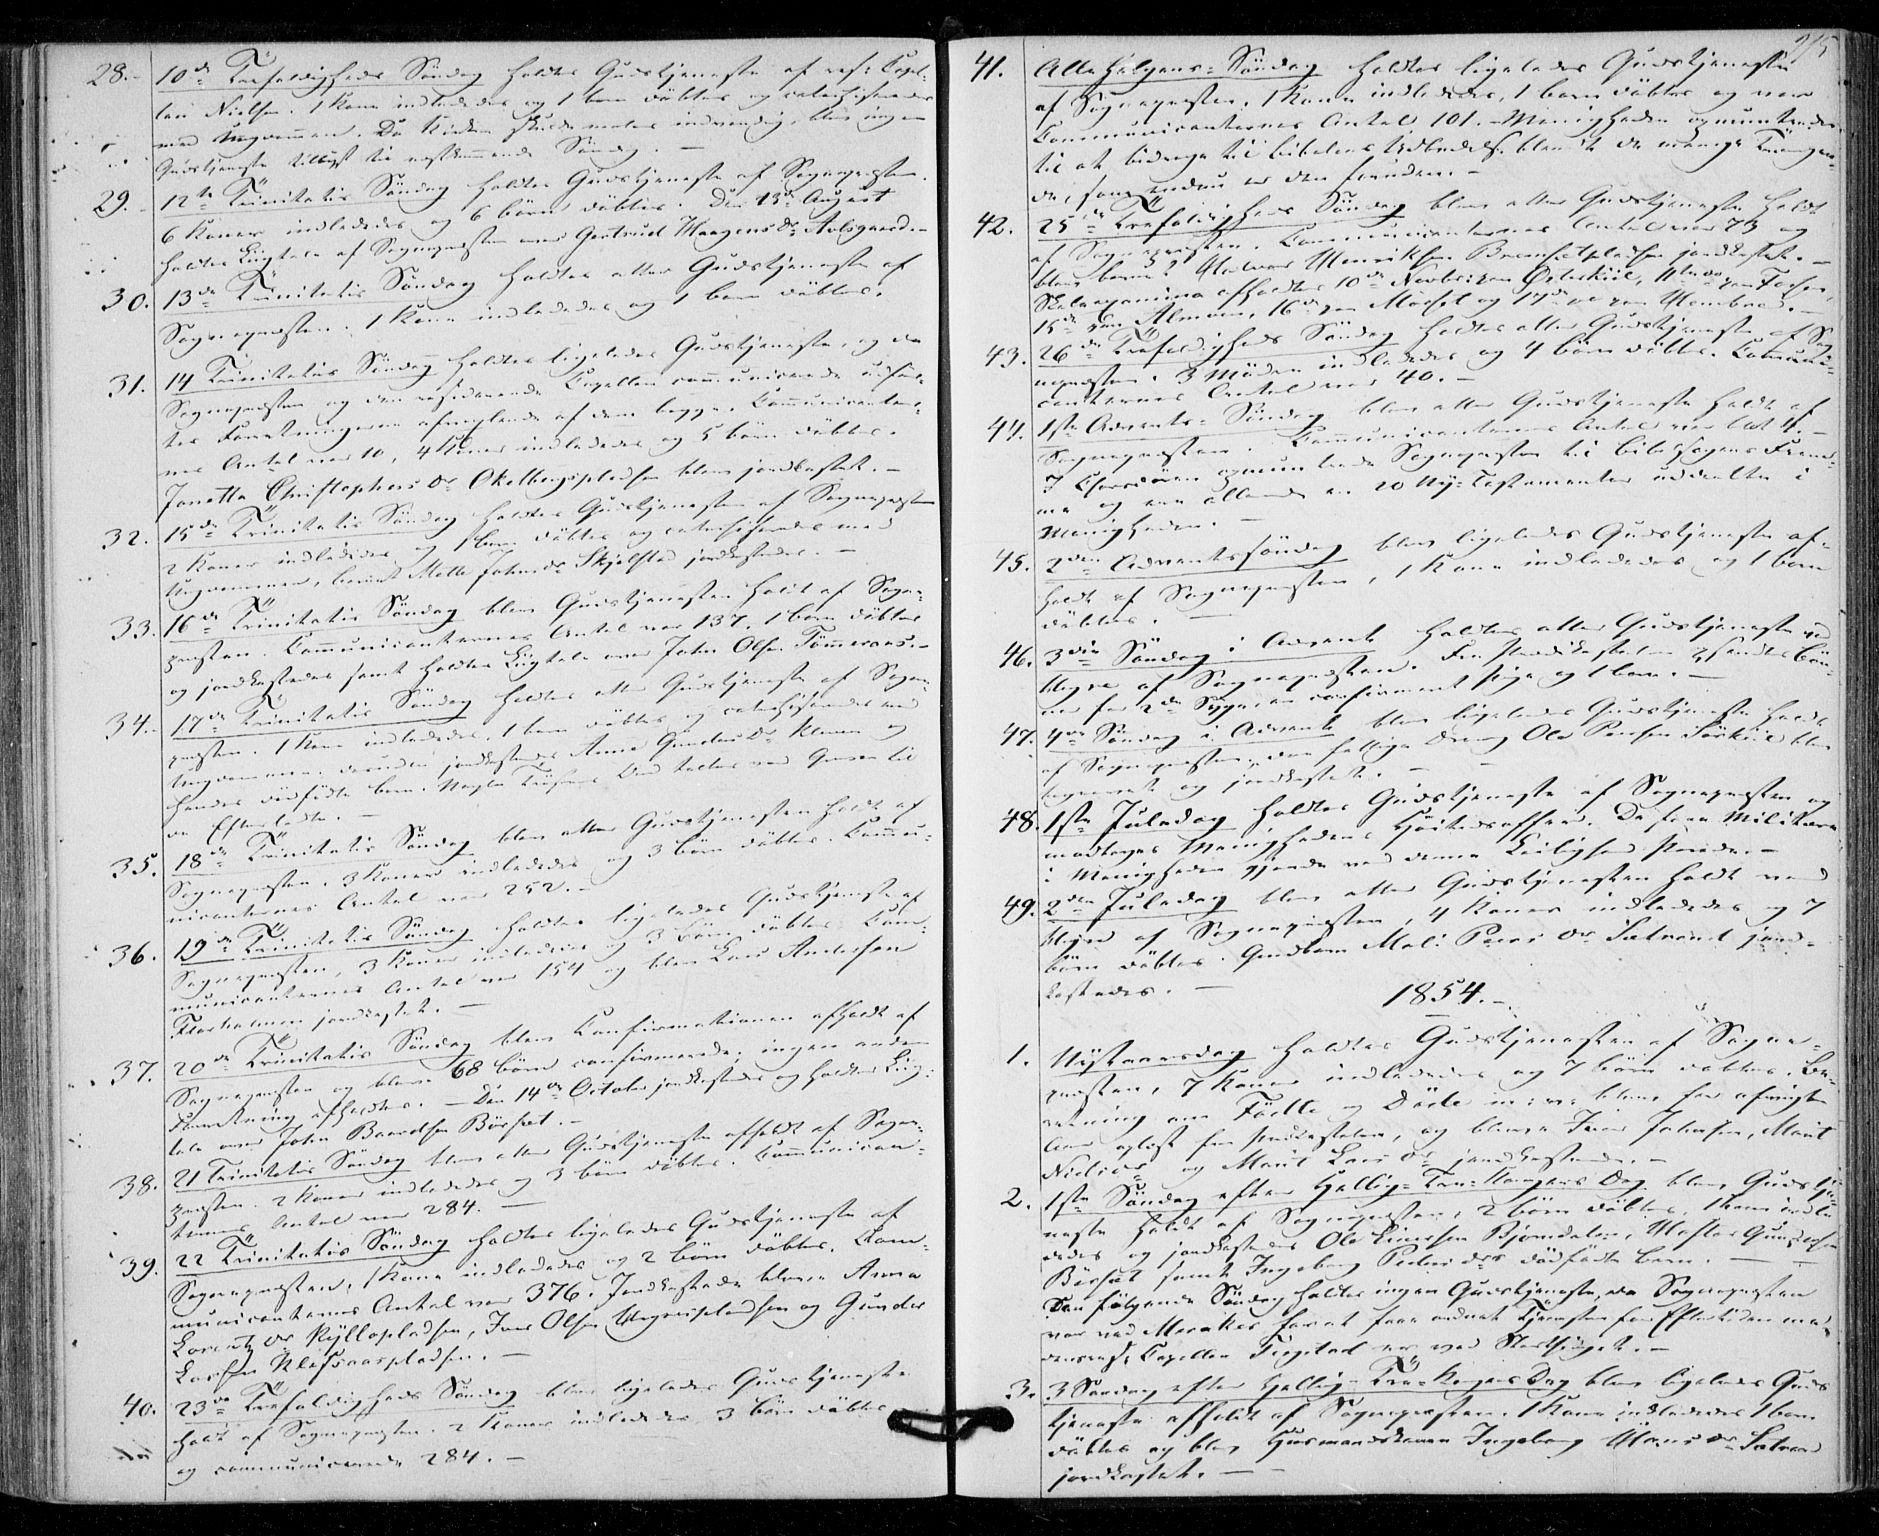 SAT, Ministerialprotokoller, klokkerbøker og fødselsregistre - Nord-Trøndelag, 703/L0028: Ministerialbok nr. 703A01, 1850-1862, s. 215